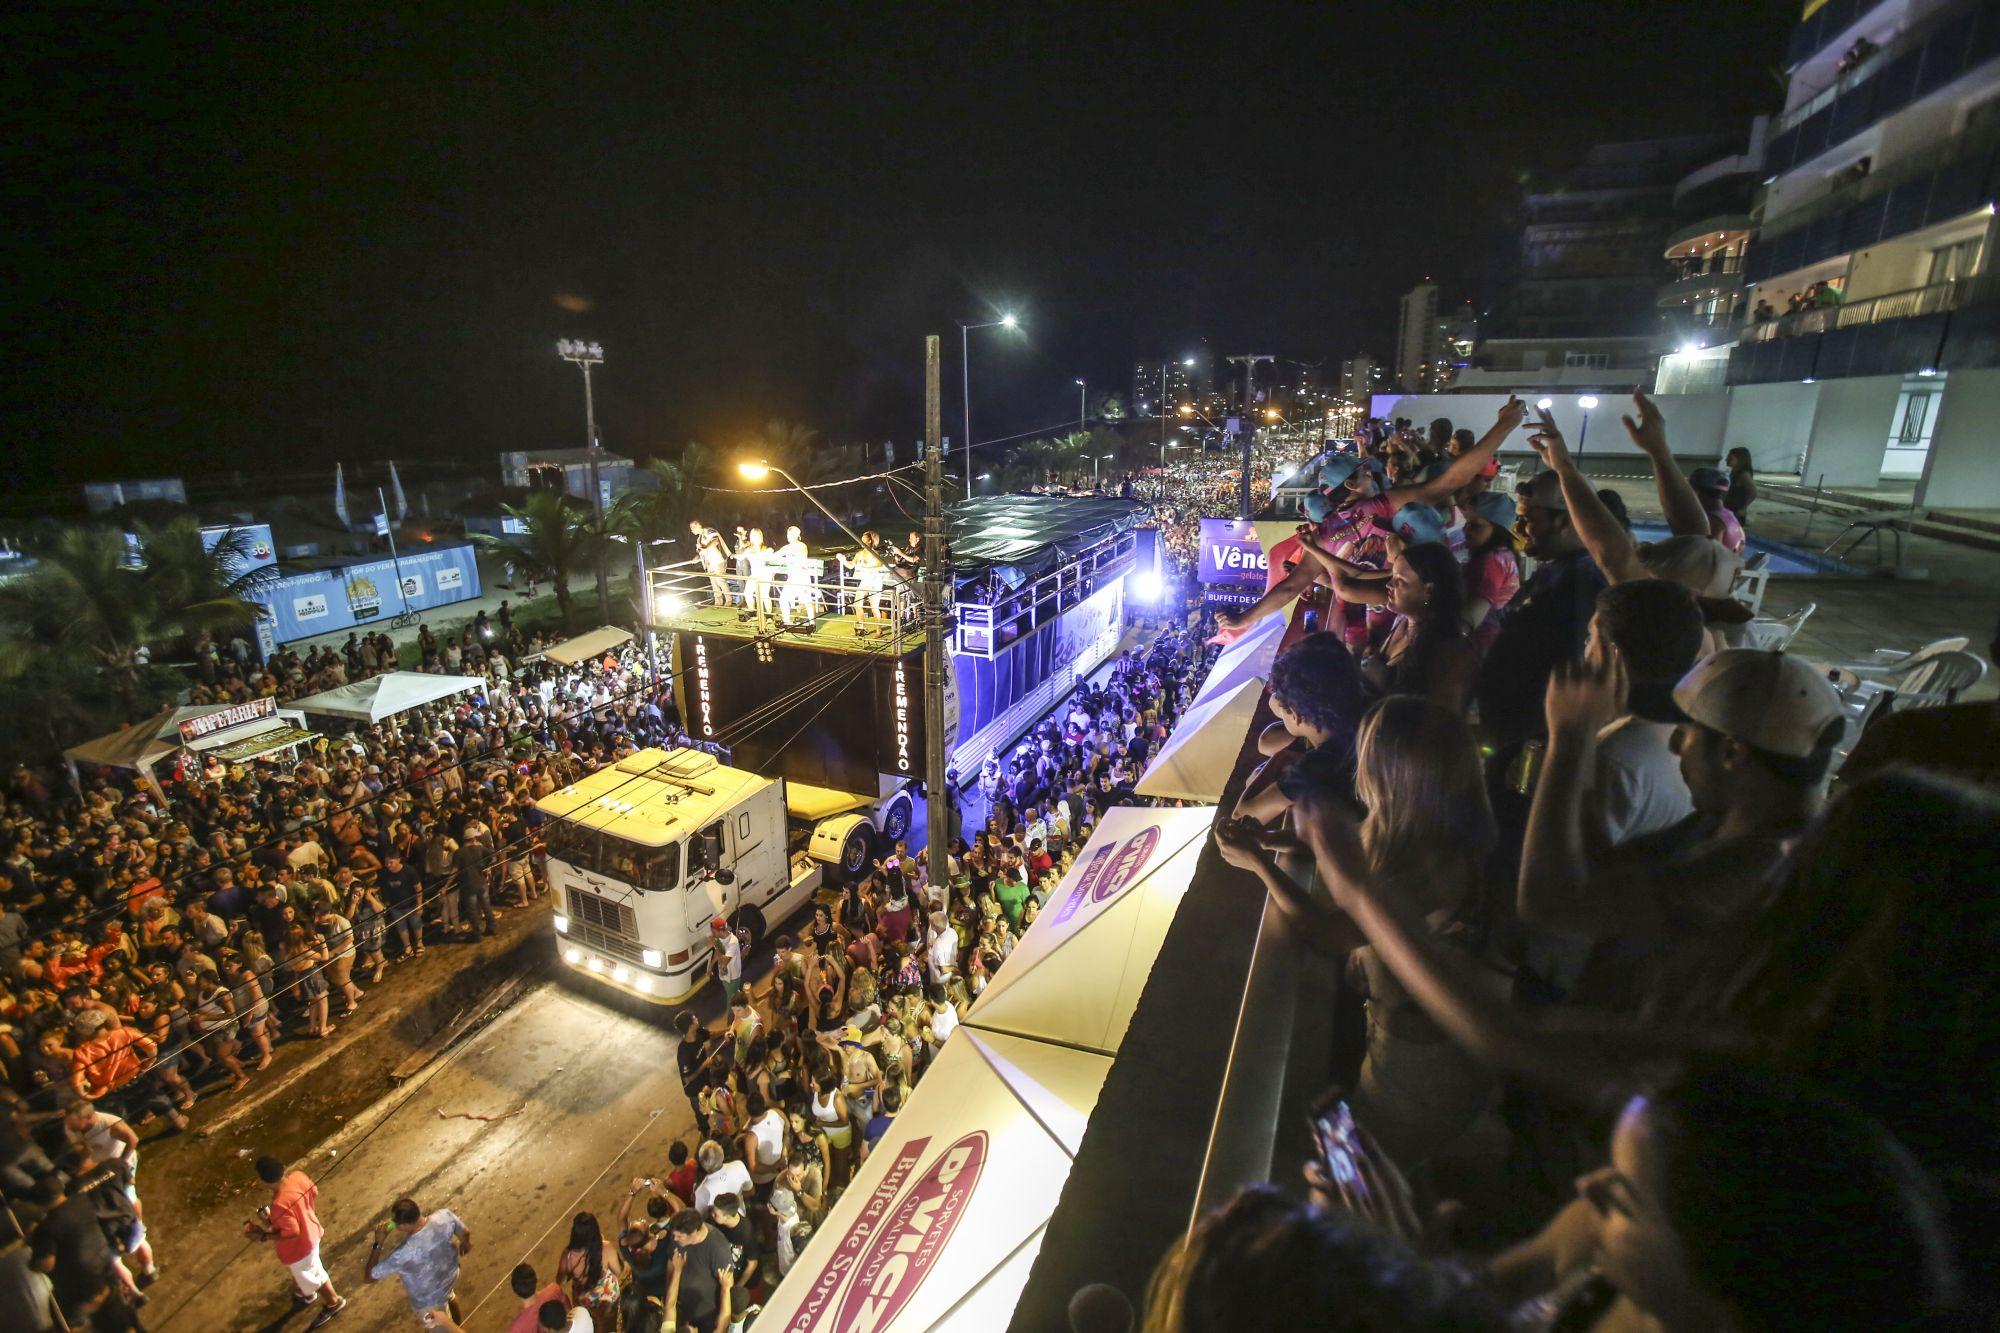 Caiobanda, Matinbanda e Guaratubanda: onde tem festa de carnaval no litoral